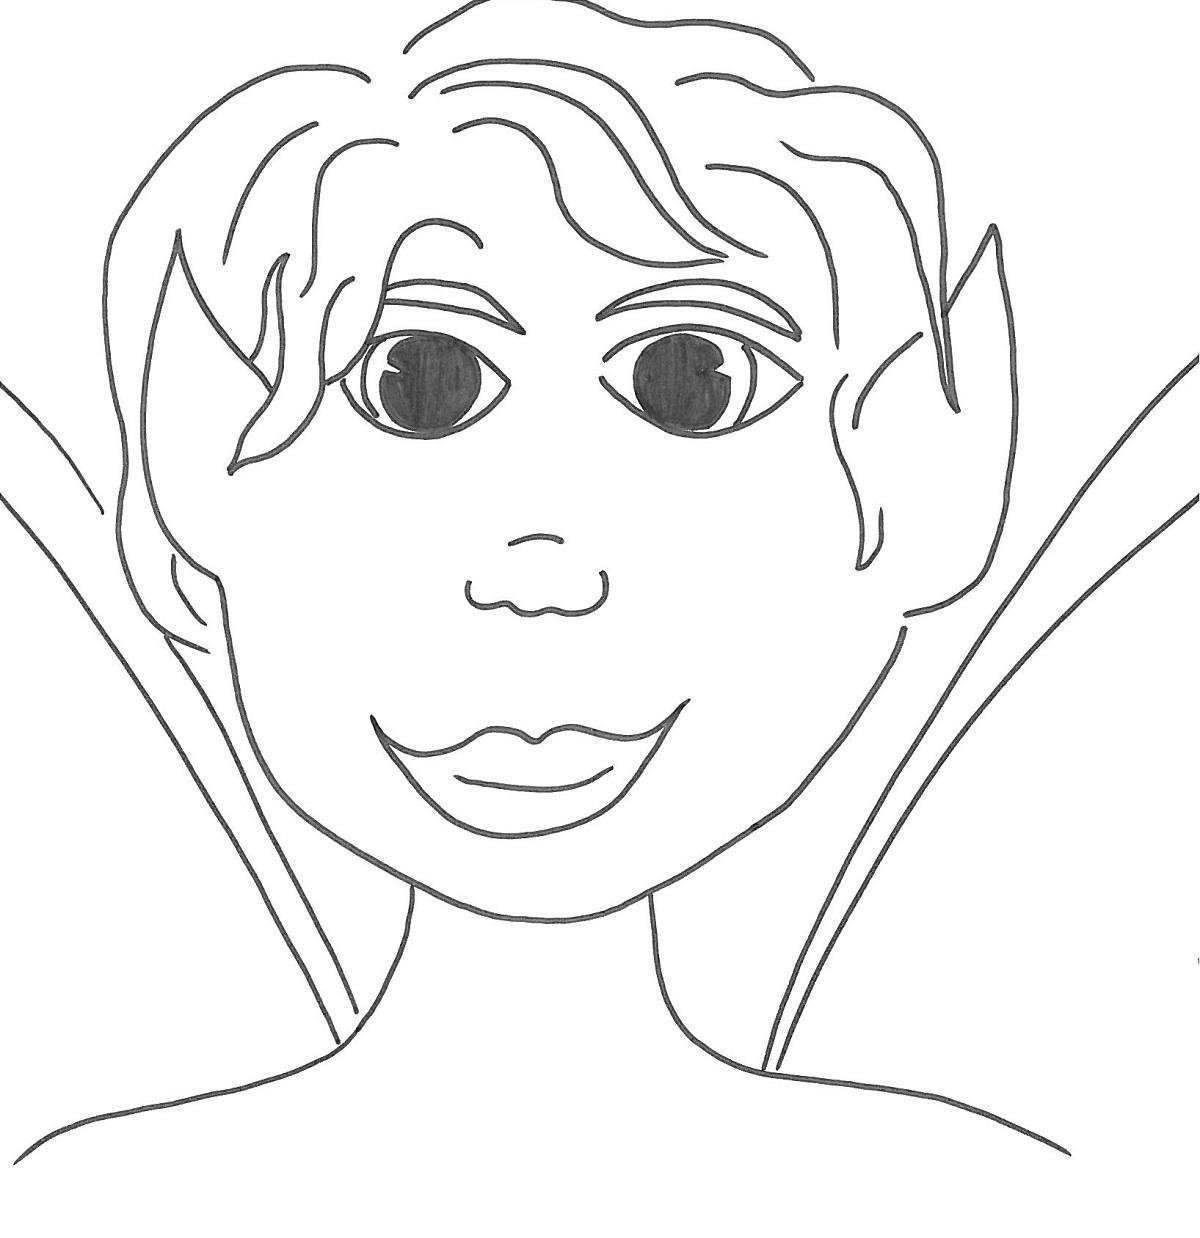 Bambino elfo disegno for Disegni di cabina di log gratuiti